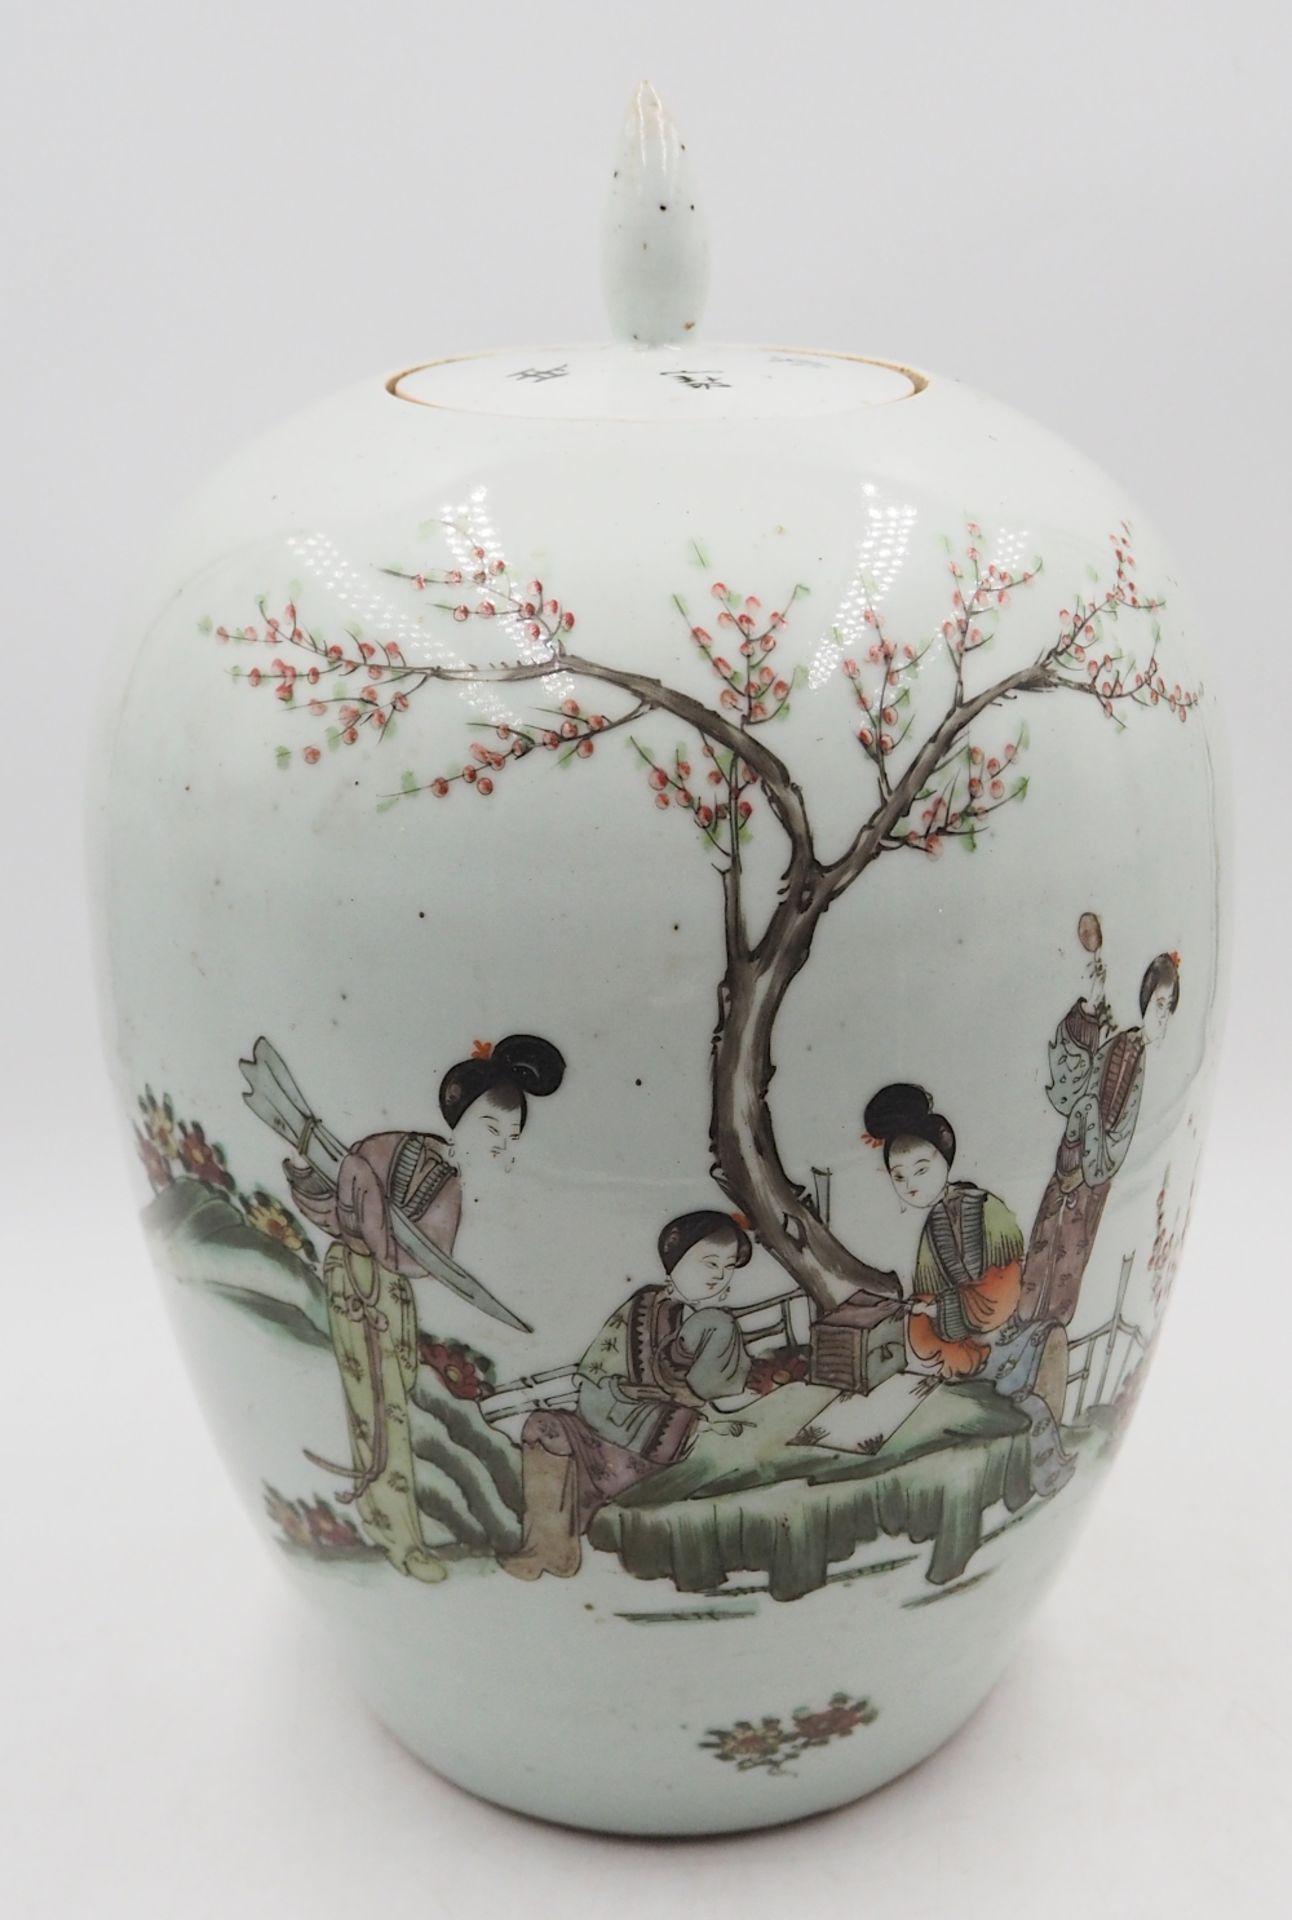 """1 Deckelvase Porzellan beige-/hellgraugrundig, mit japanischem Dekor """"Frauen beim Kirschblütenf - Bild 2 aus 6"""